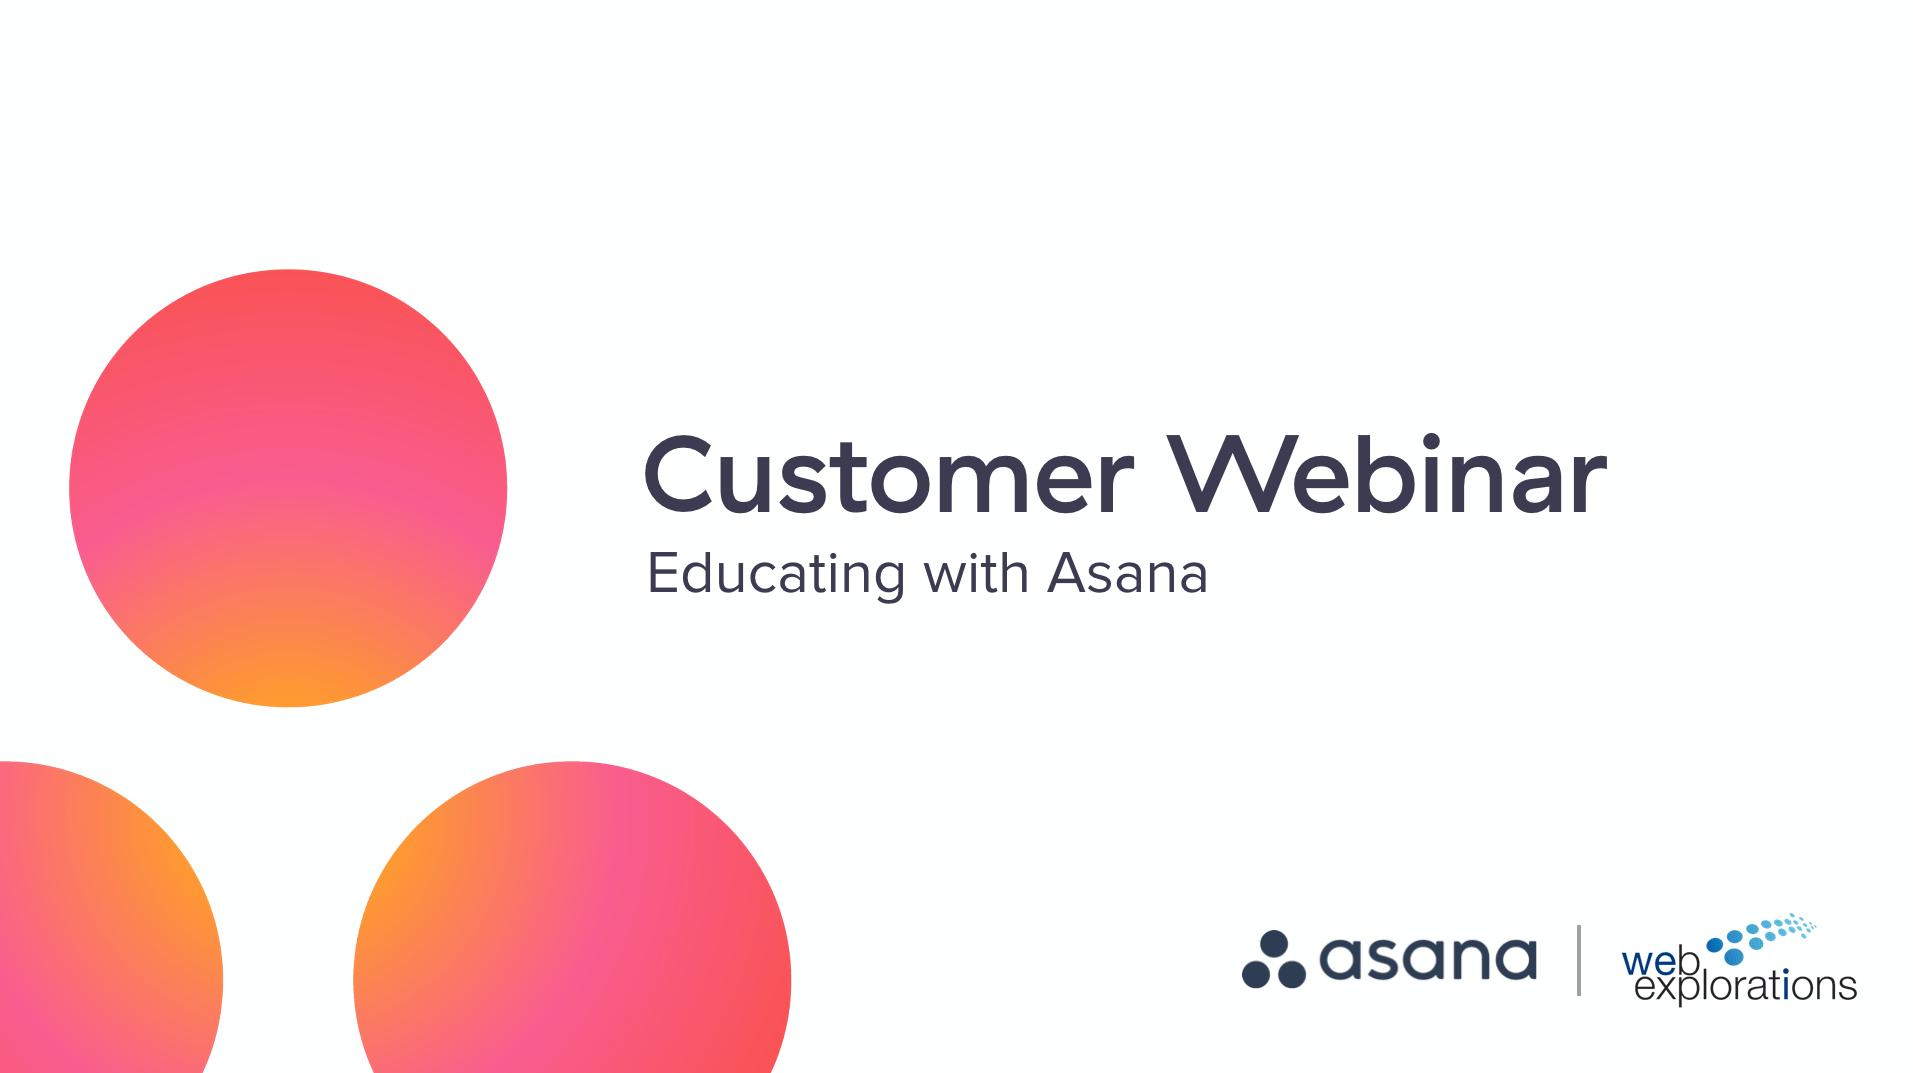 Weiterbildung in Asana mit Web Explorations